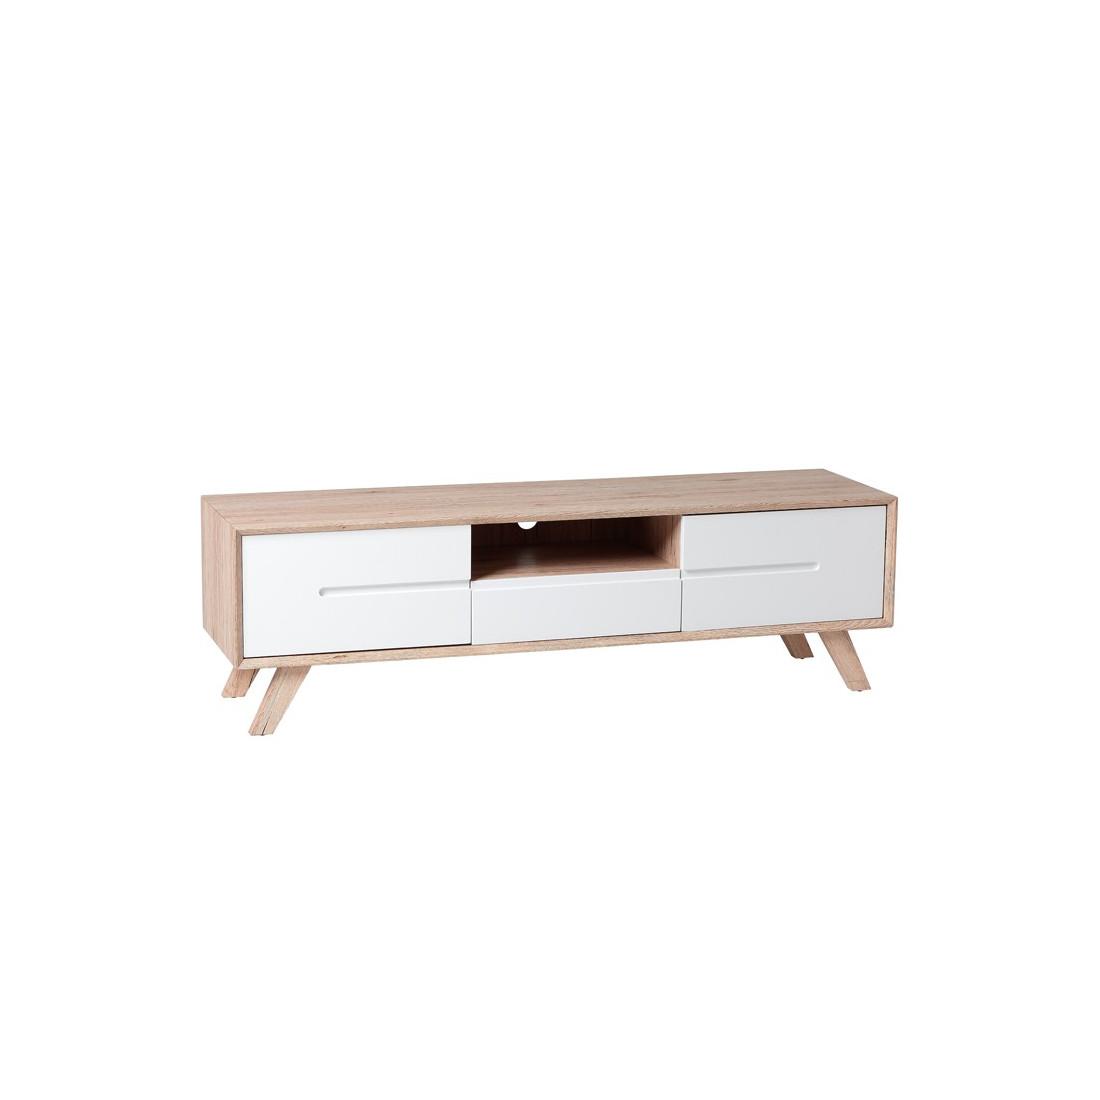 Meuble tv 2 portes 1 tiroir style scandinave galo for Meuble 2 portes 1 tiroir